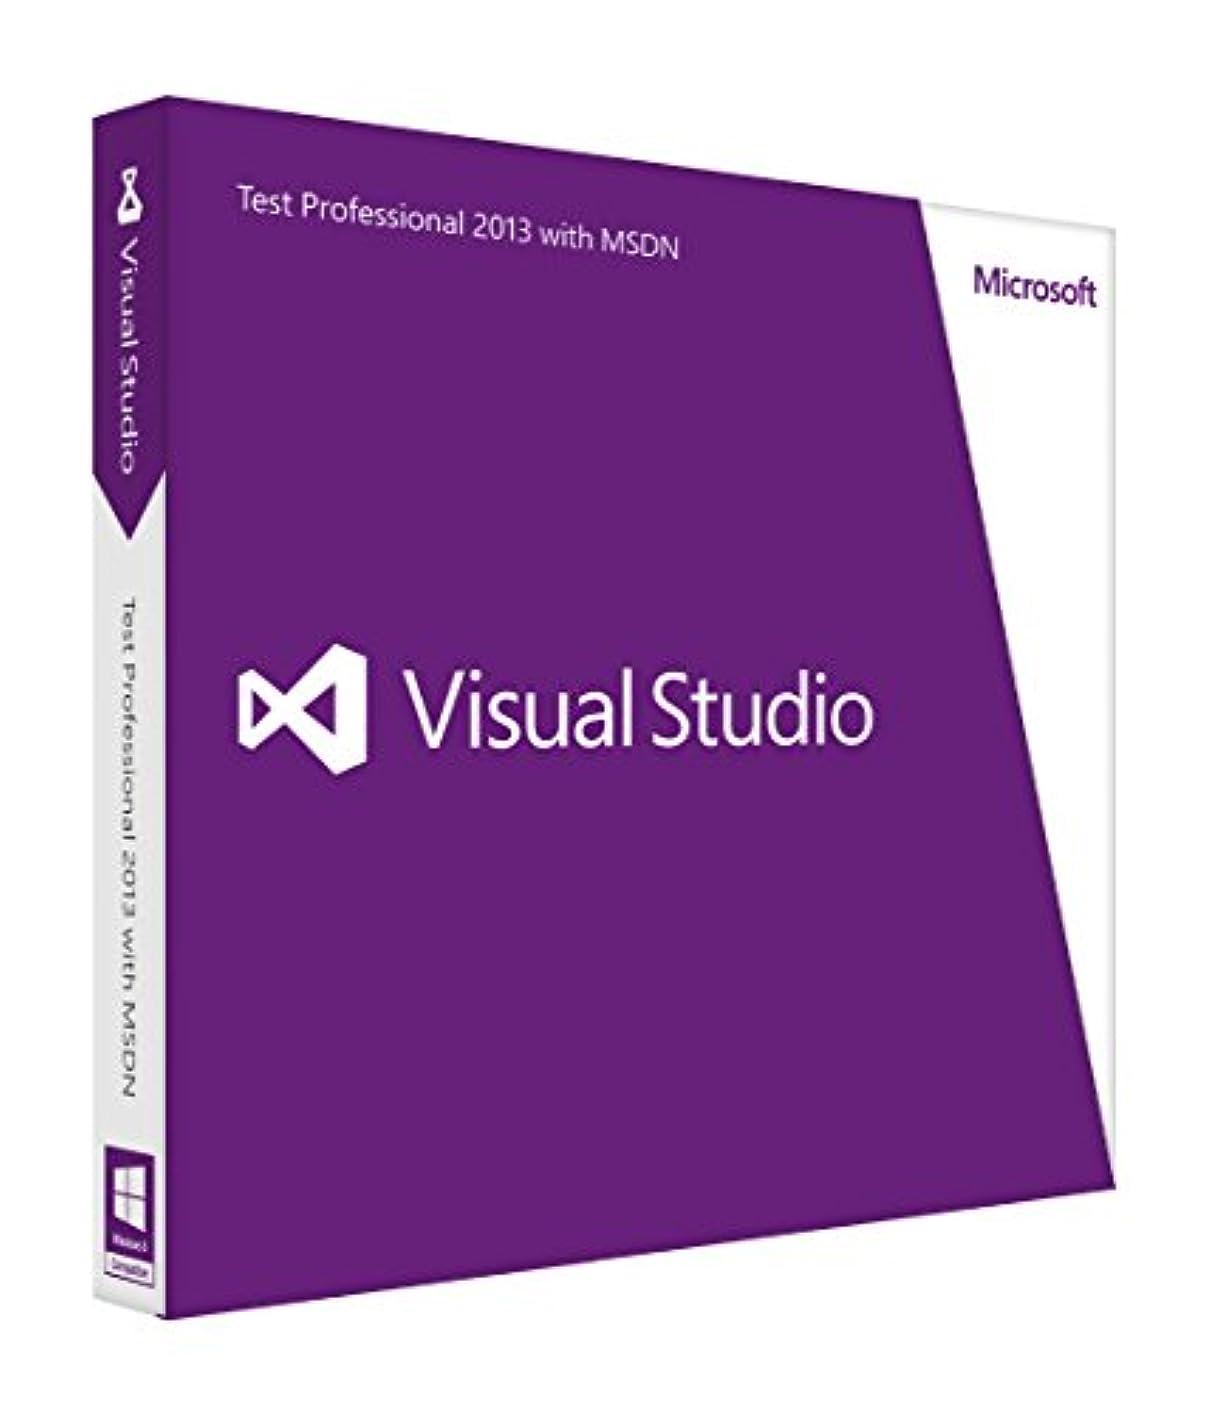 切る項目血まみれのMicrosoft Visual Studio Test Professional 2013 with MSDN英語